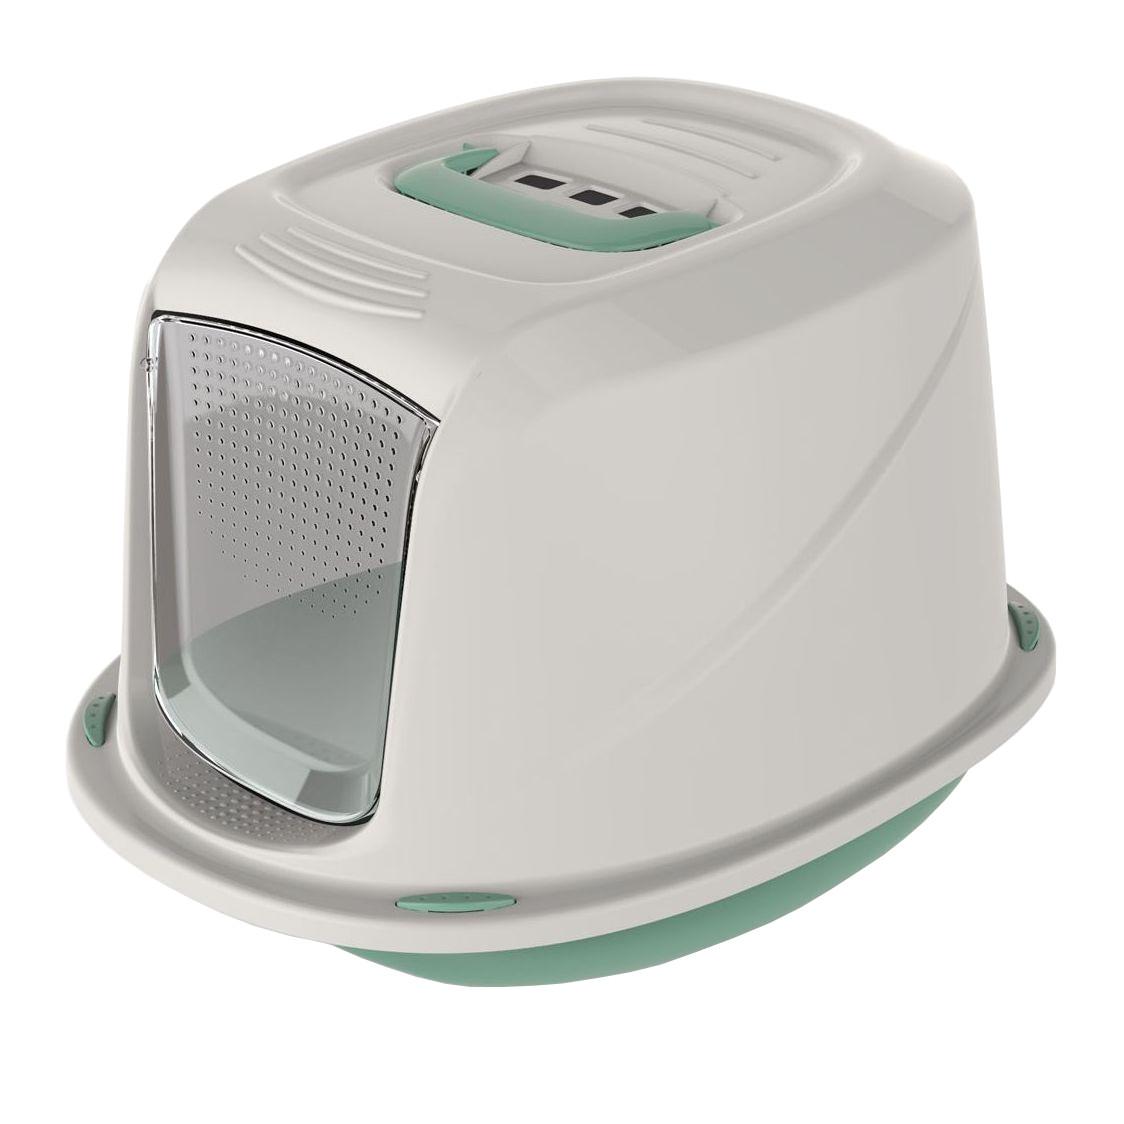 Krytá toaleta s filtrem a rukojetí Argi - zelená - 45 x 36 x 31,5 cm